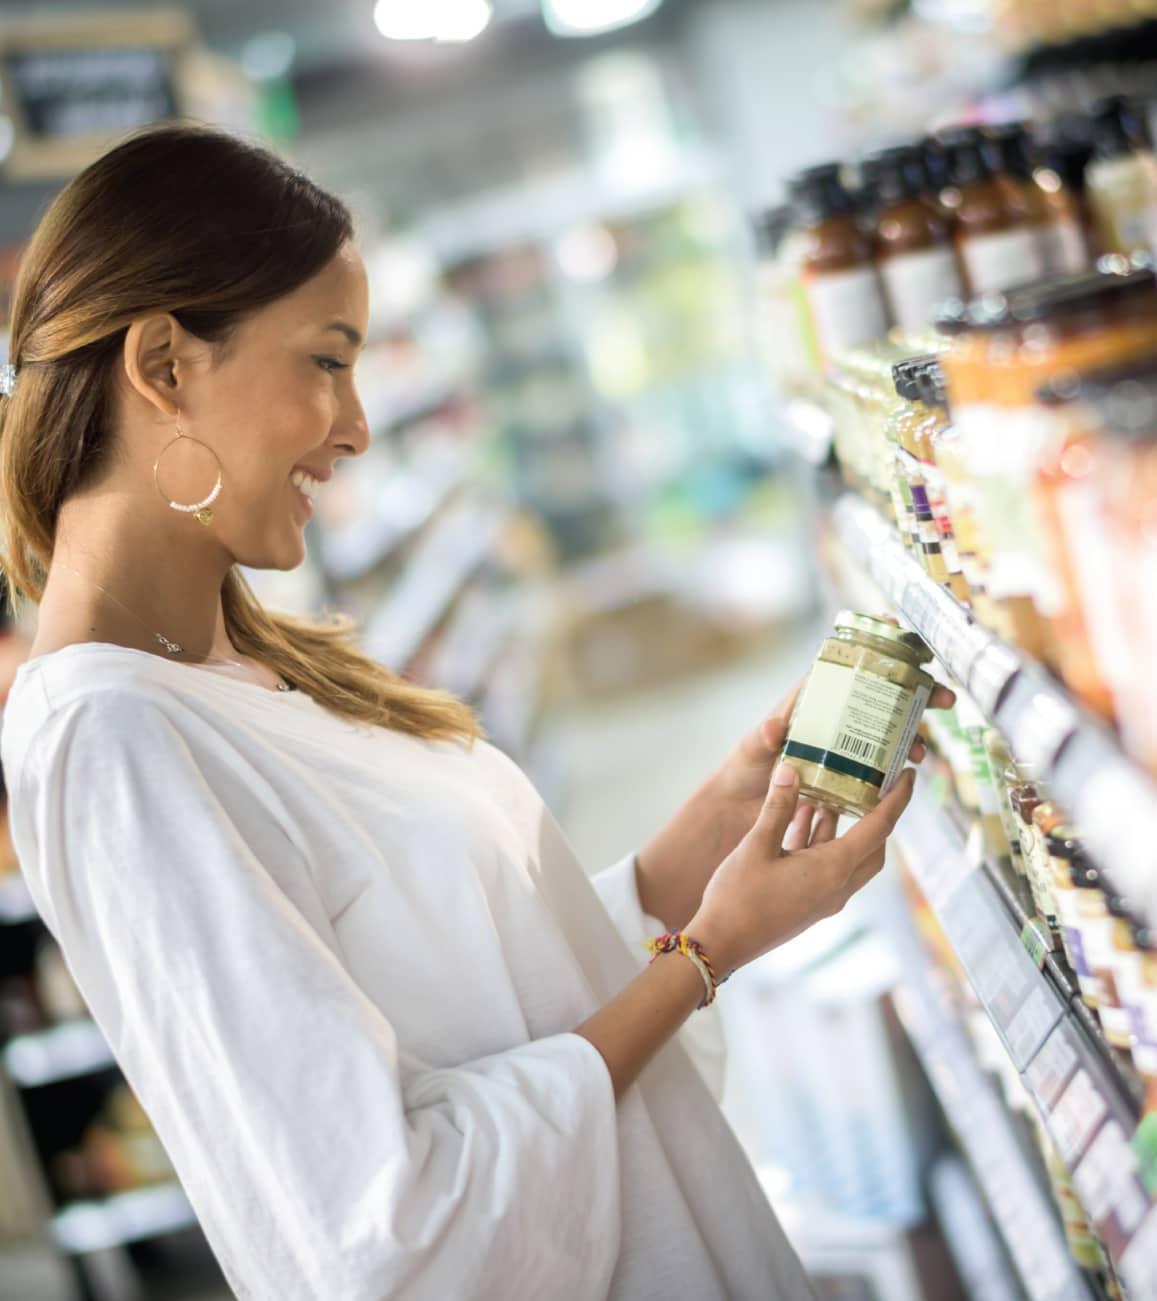 Femme qui regarde des produits du marché alimentaire